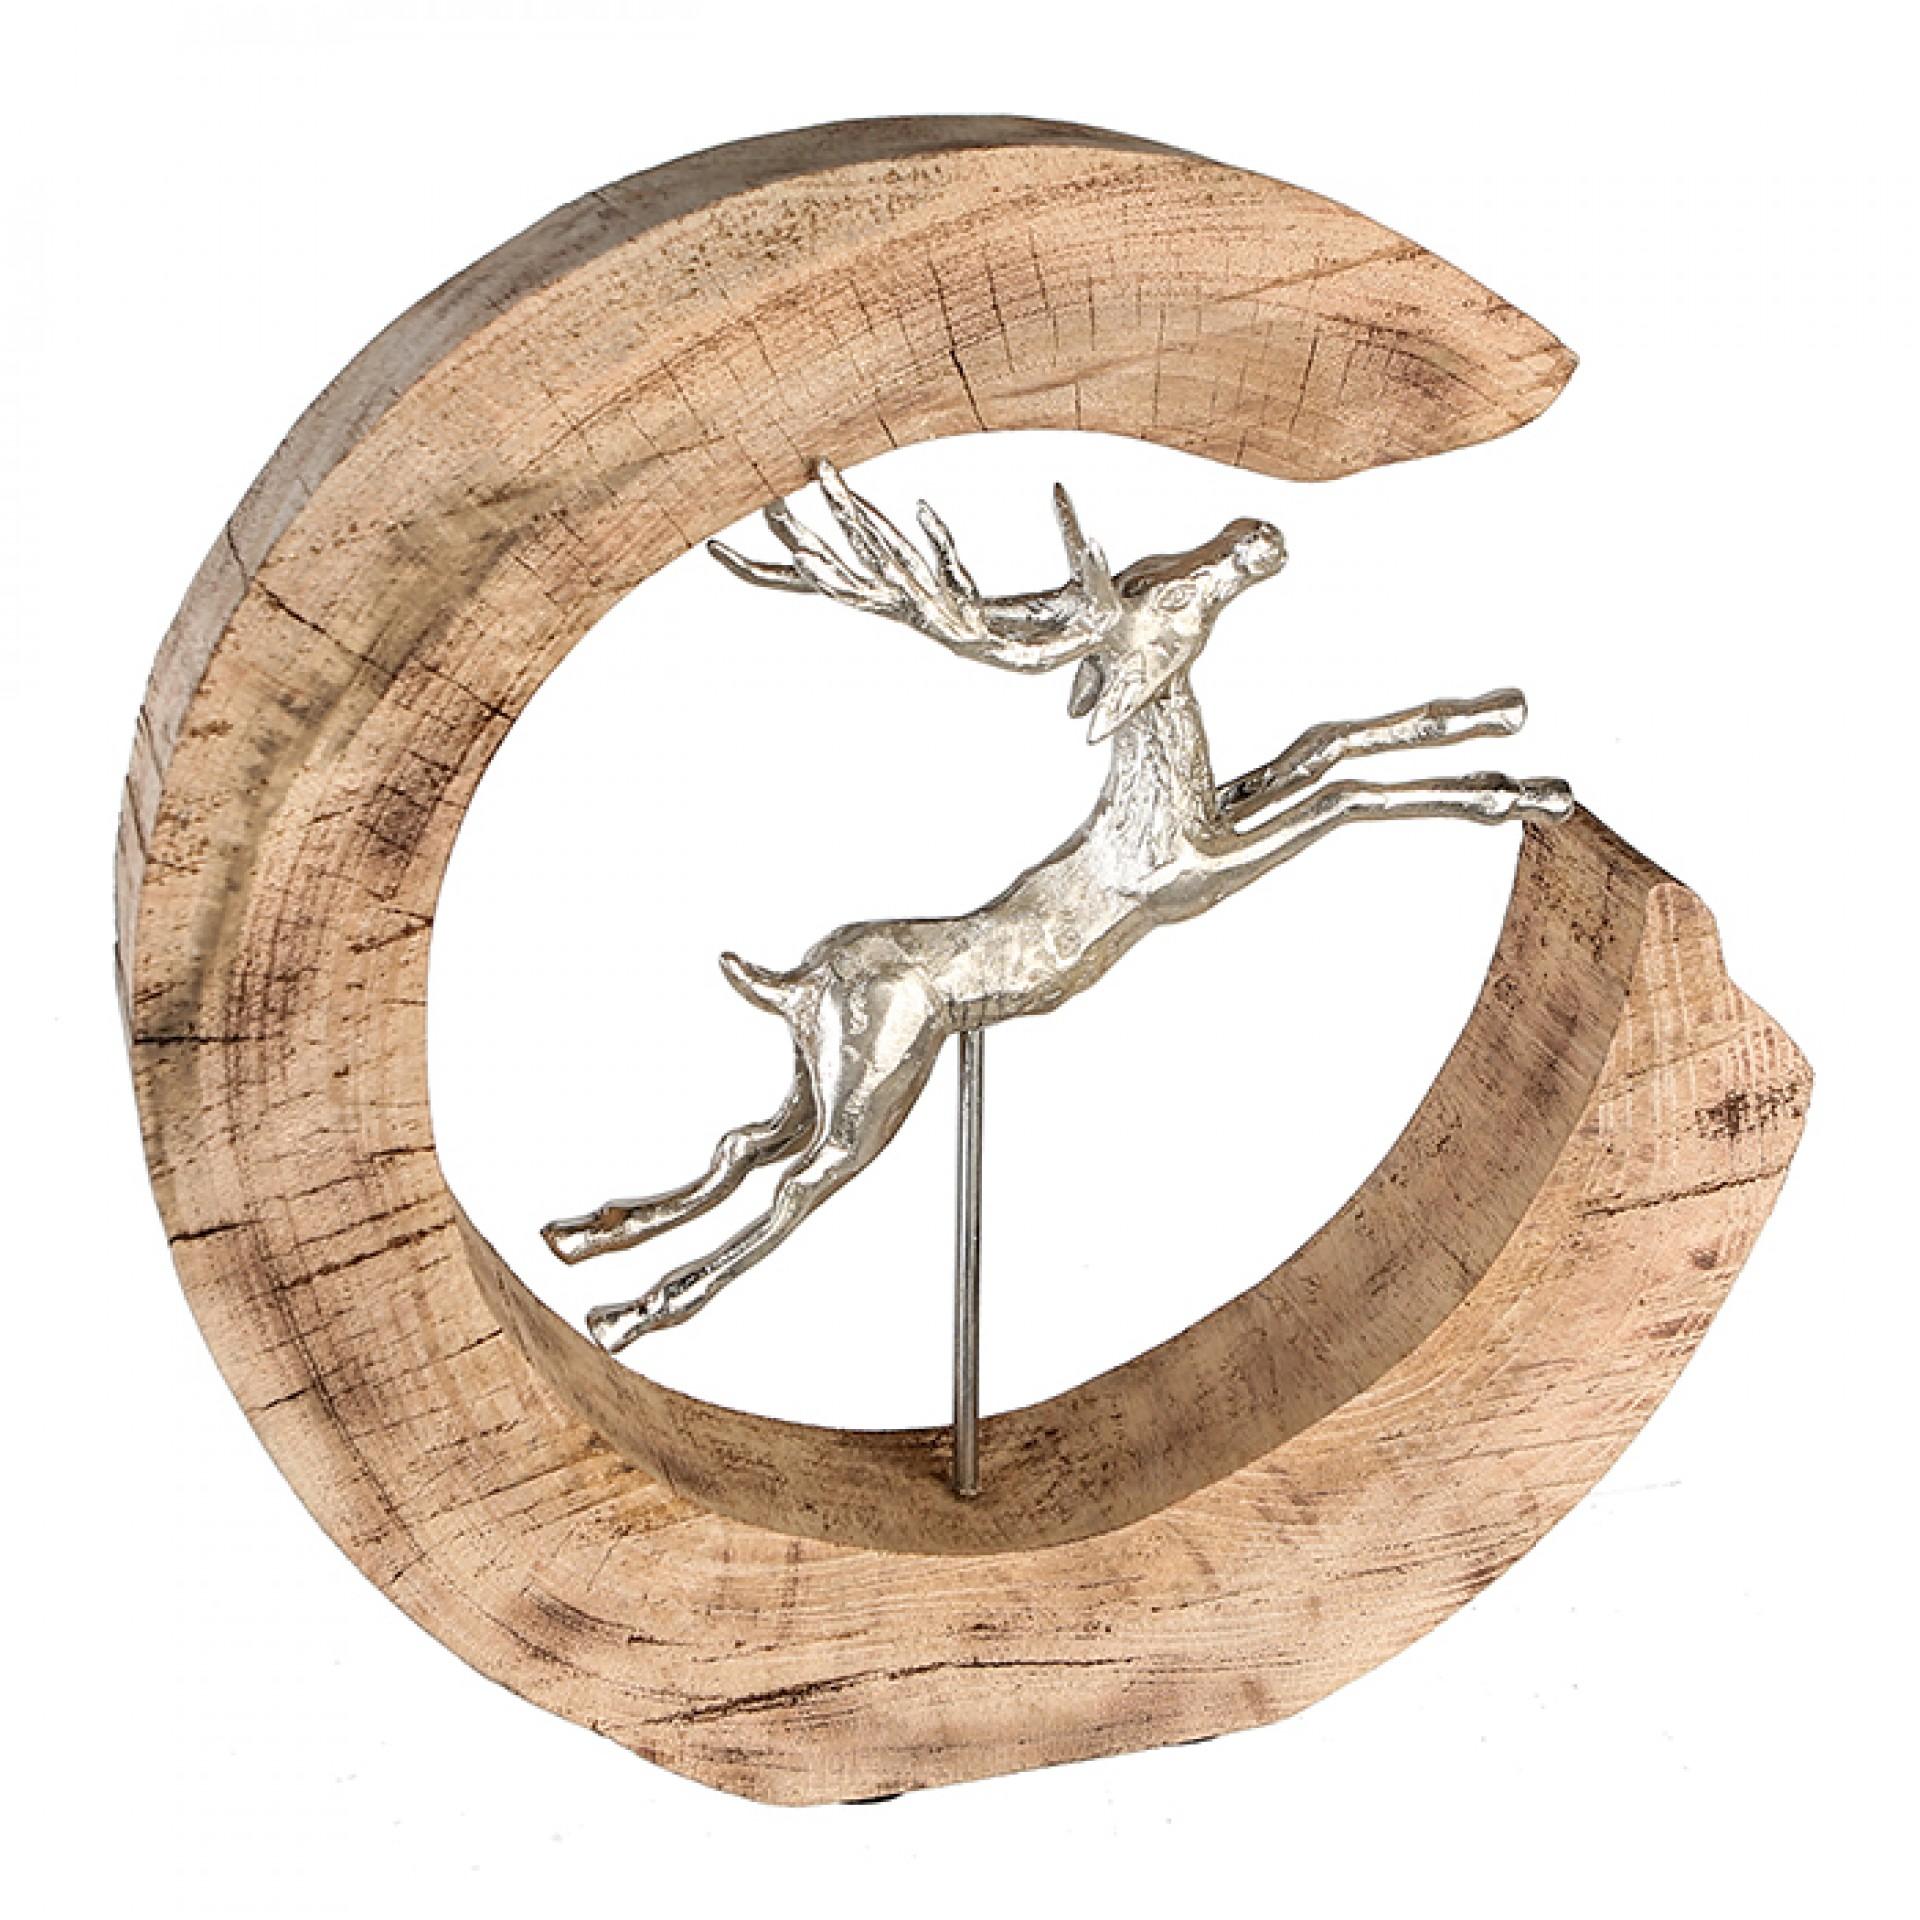 Interiérová dekorace Jumbing deer, 36 cm